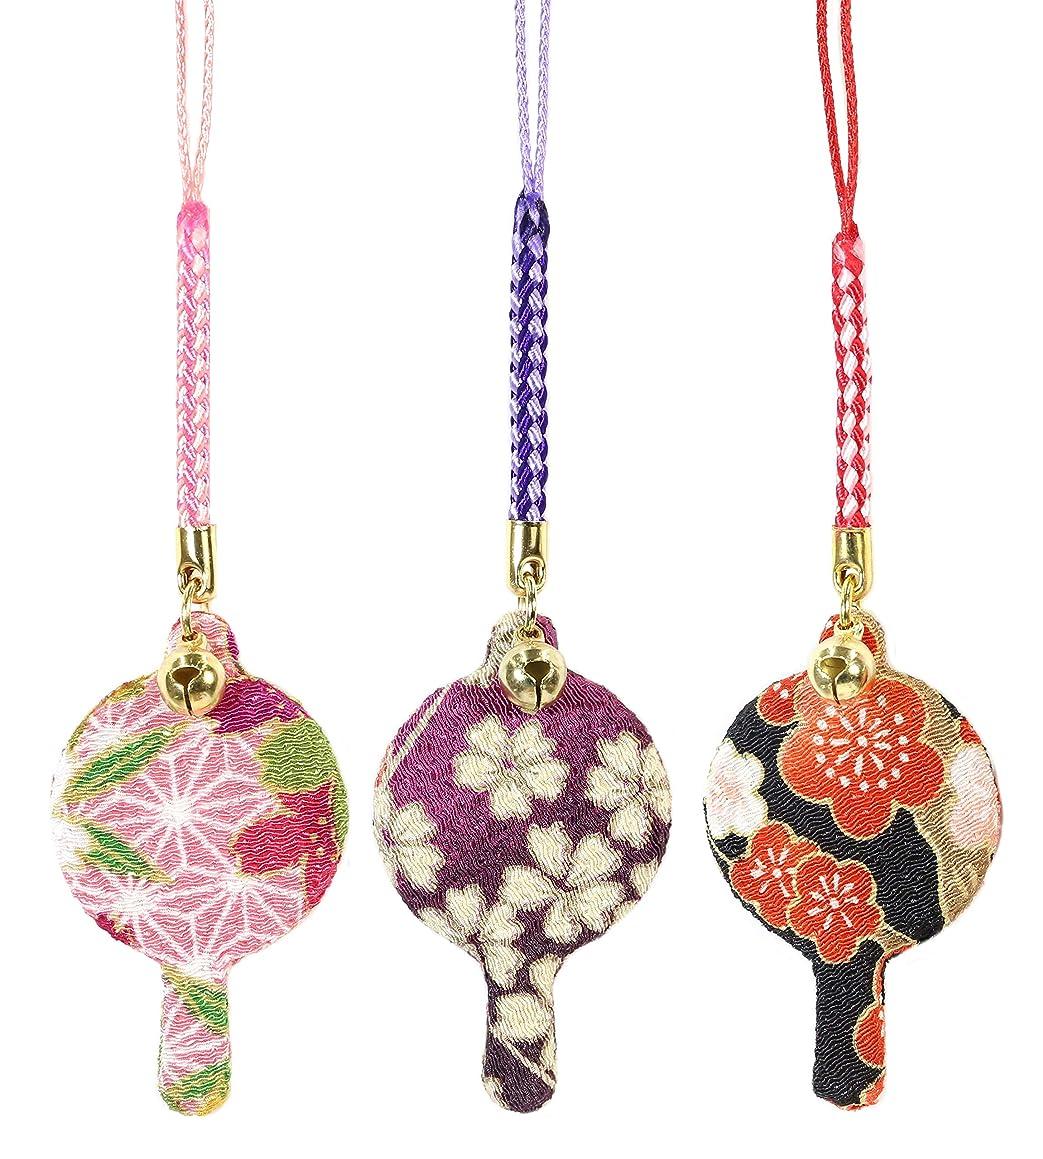 養う知的晩餐ZOON(ズーン) 花ちりめん ミニハンドミラー お得なセット1(3個入) 和柄 着物 ちりめん 生地 布製 根付け ミニ鏡 日本製 お土産 セット1(桃色、紫、梅)